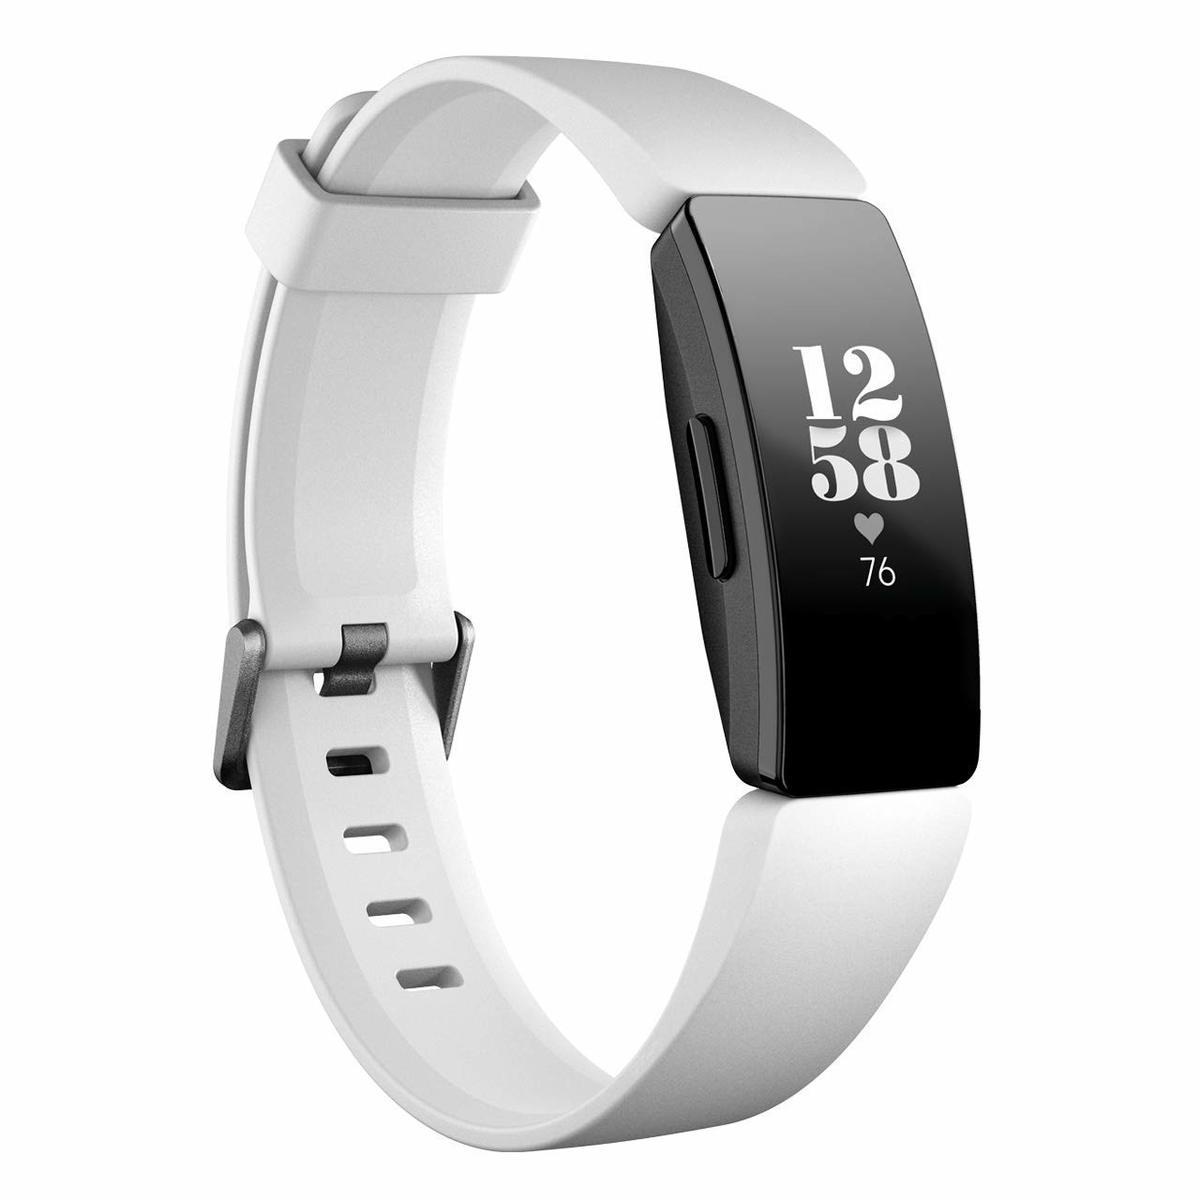 世界最高峰スマートウォッチをあなたの手に スマートウォッチ Fitbit Inspire HR 活動量計 フィットネストラッカー 1着でも送料無料 心拍計 hr 並行輸入品 フィットビット 白 fitbit SALE White inspire インスパイア